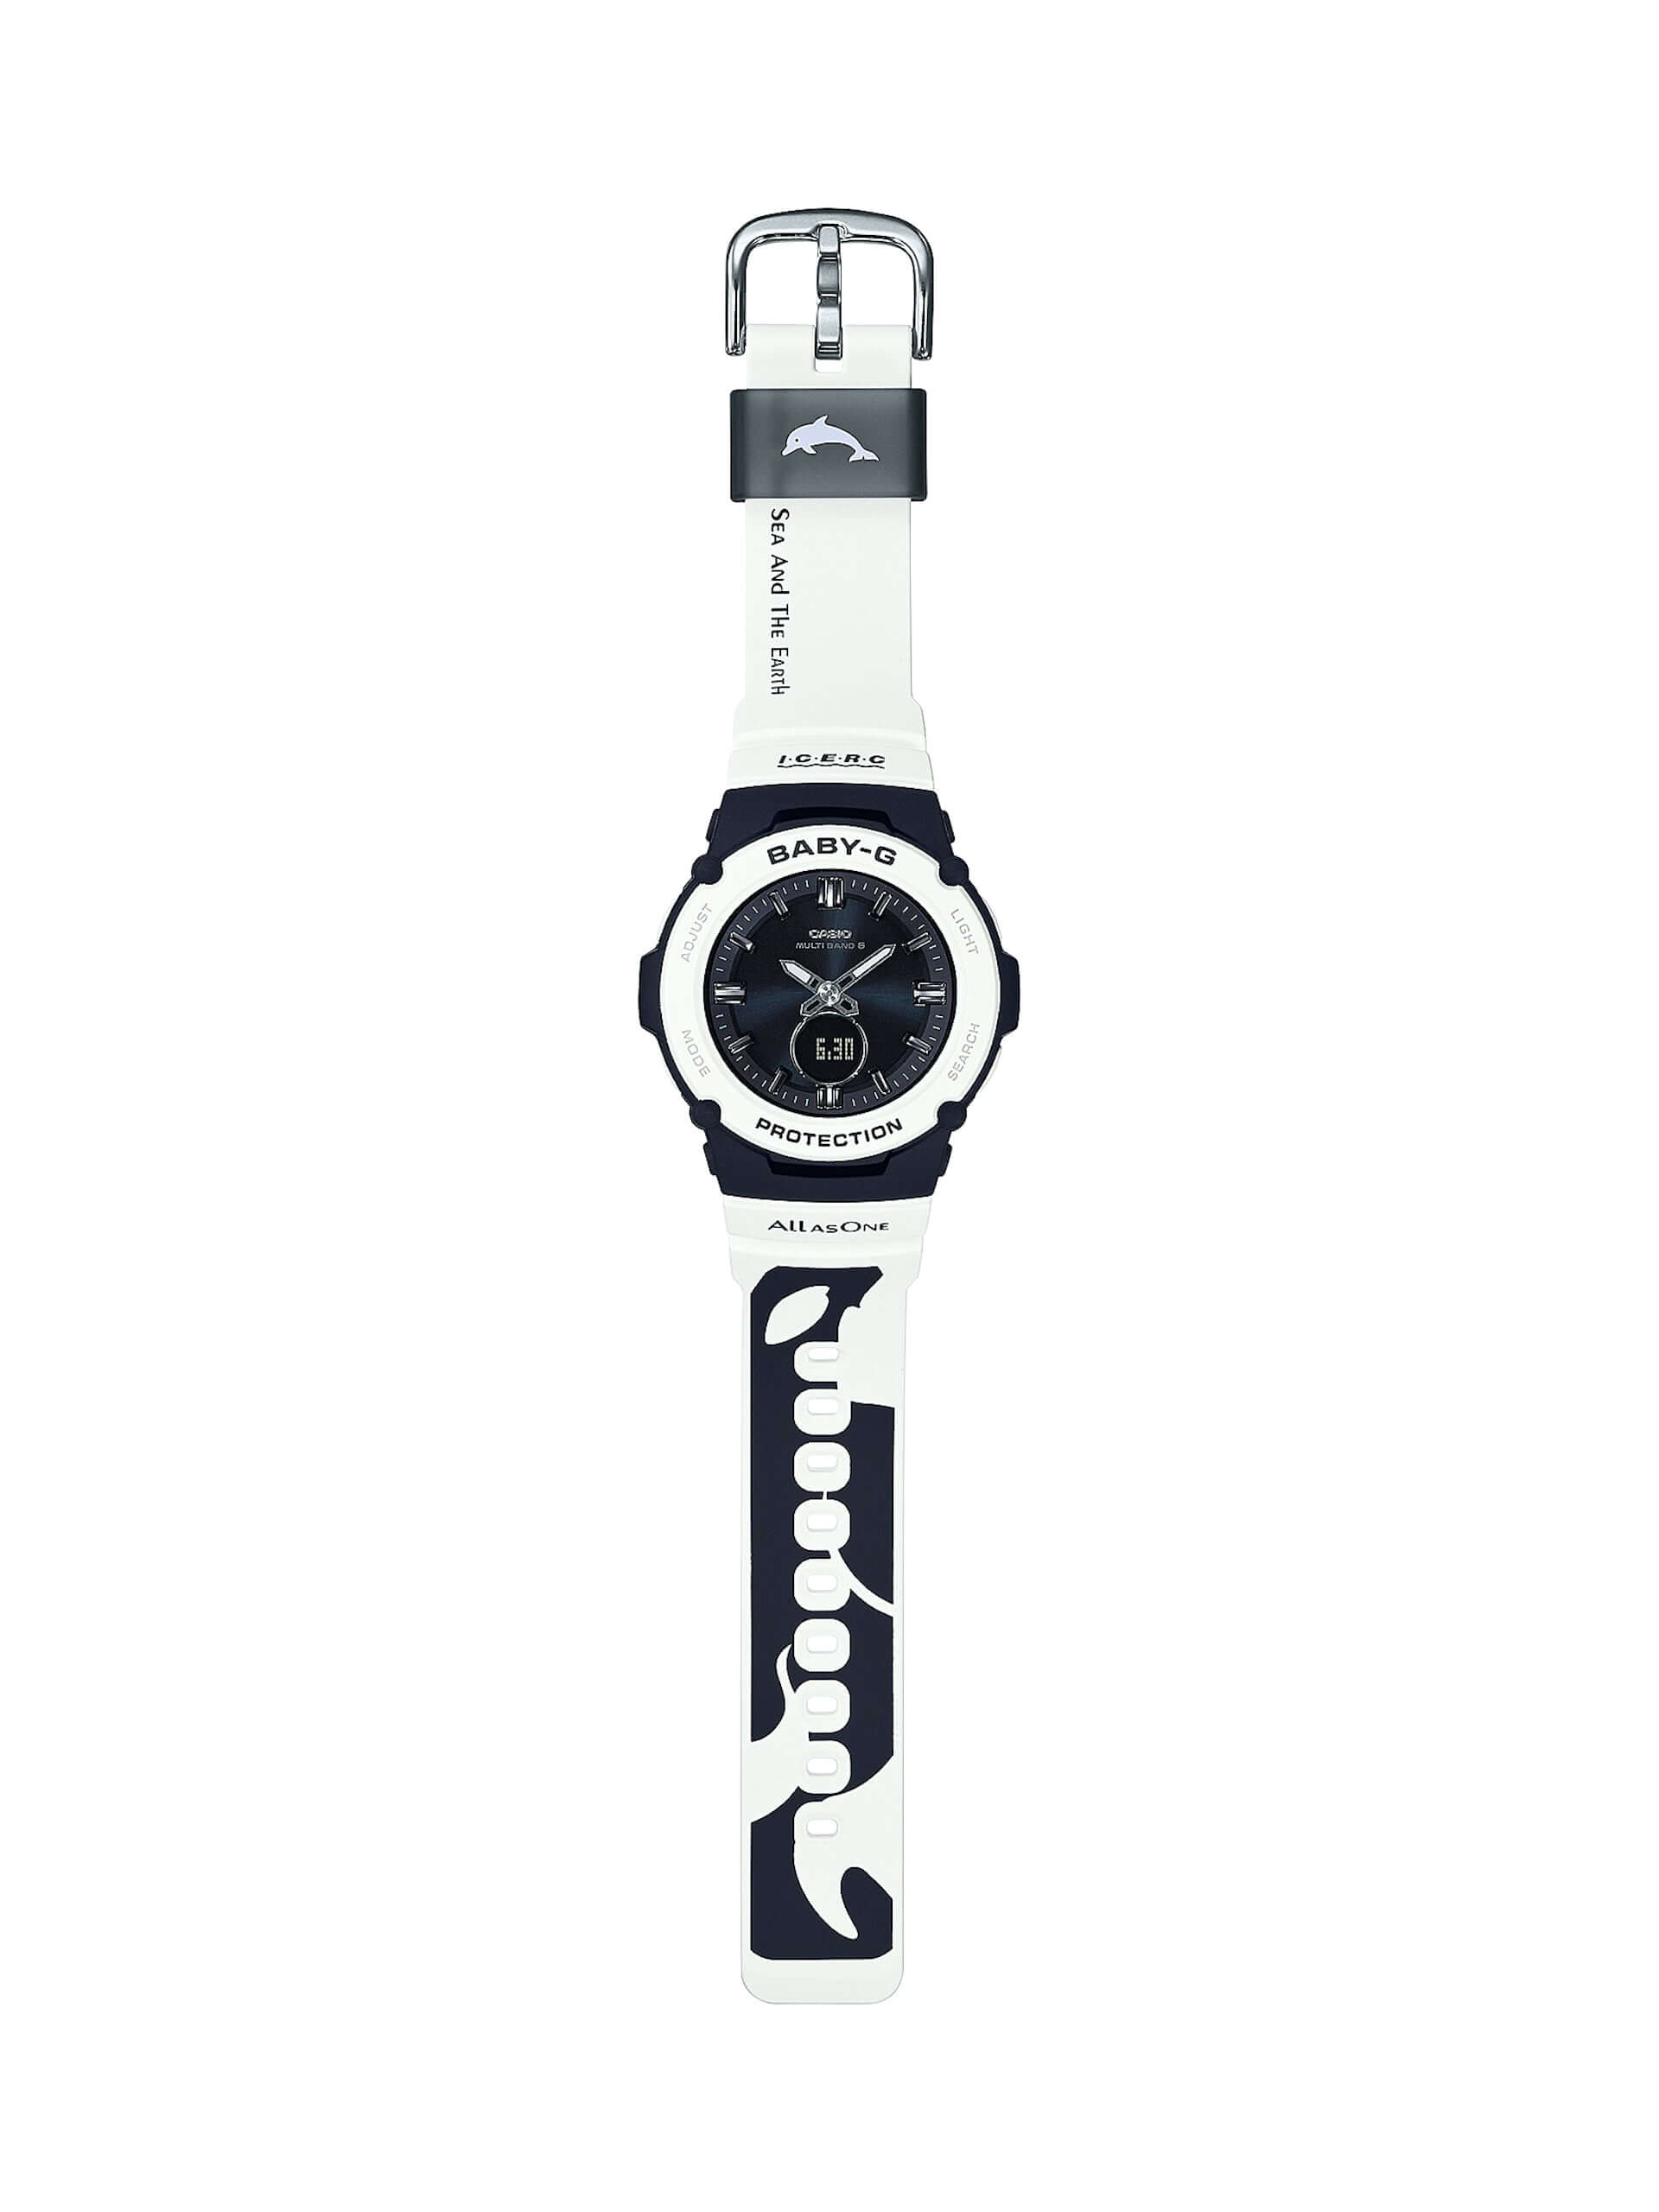 """CASIO「G-SHOCK」「BABY-G」に""""シャチ""""をモチーフにしたニューデザインが登場!アイサーチ・ジャパンとのコラボモデル新作が発売決定 tech200511_casio_watch_5-1920x2560"""